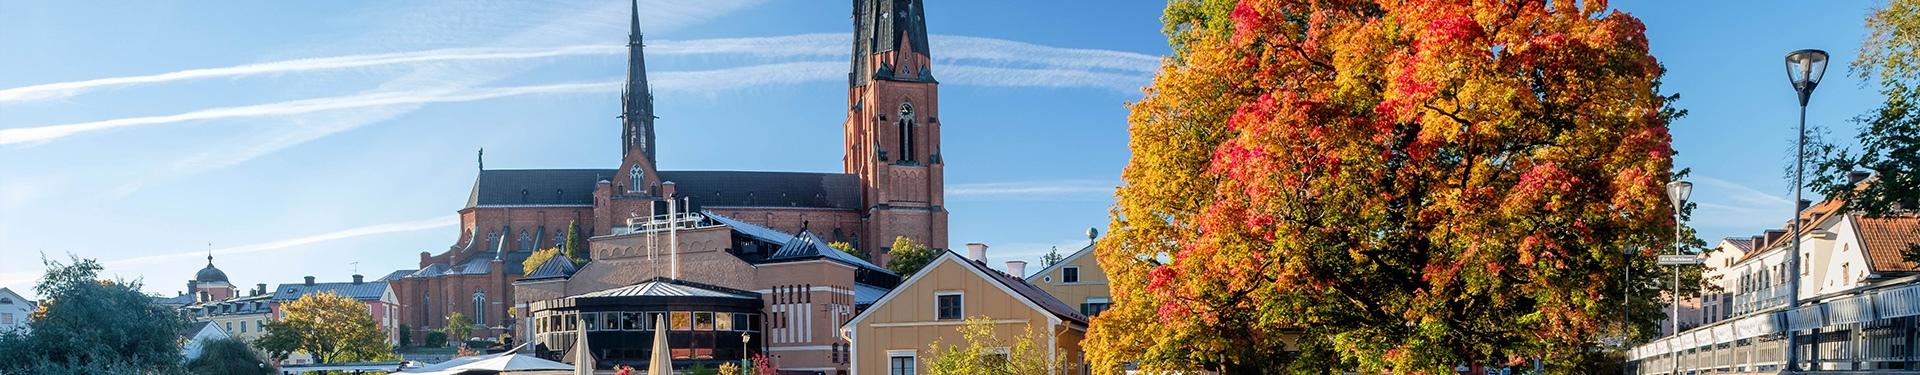 Viajes Suecia, Estonia, Finlandia y Letonia 2019: Viaje Singles 4 Perlas de Báltico con Noche en Estocolmo